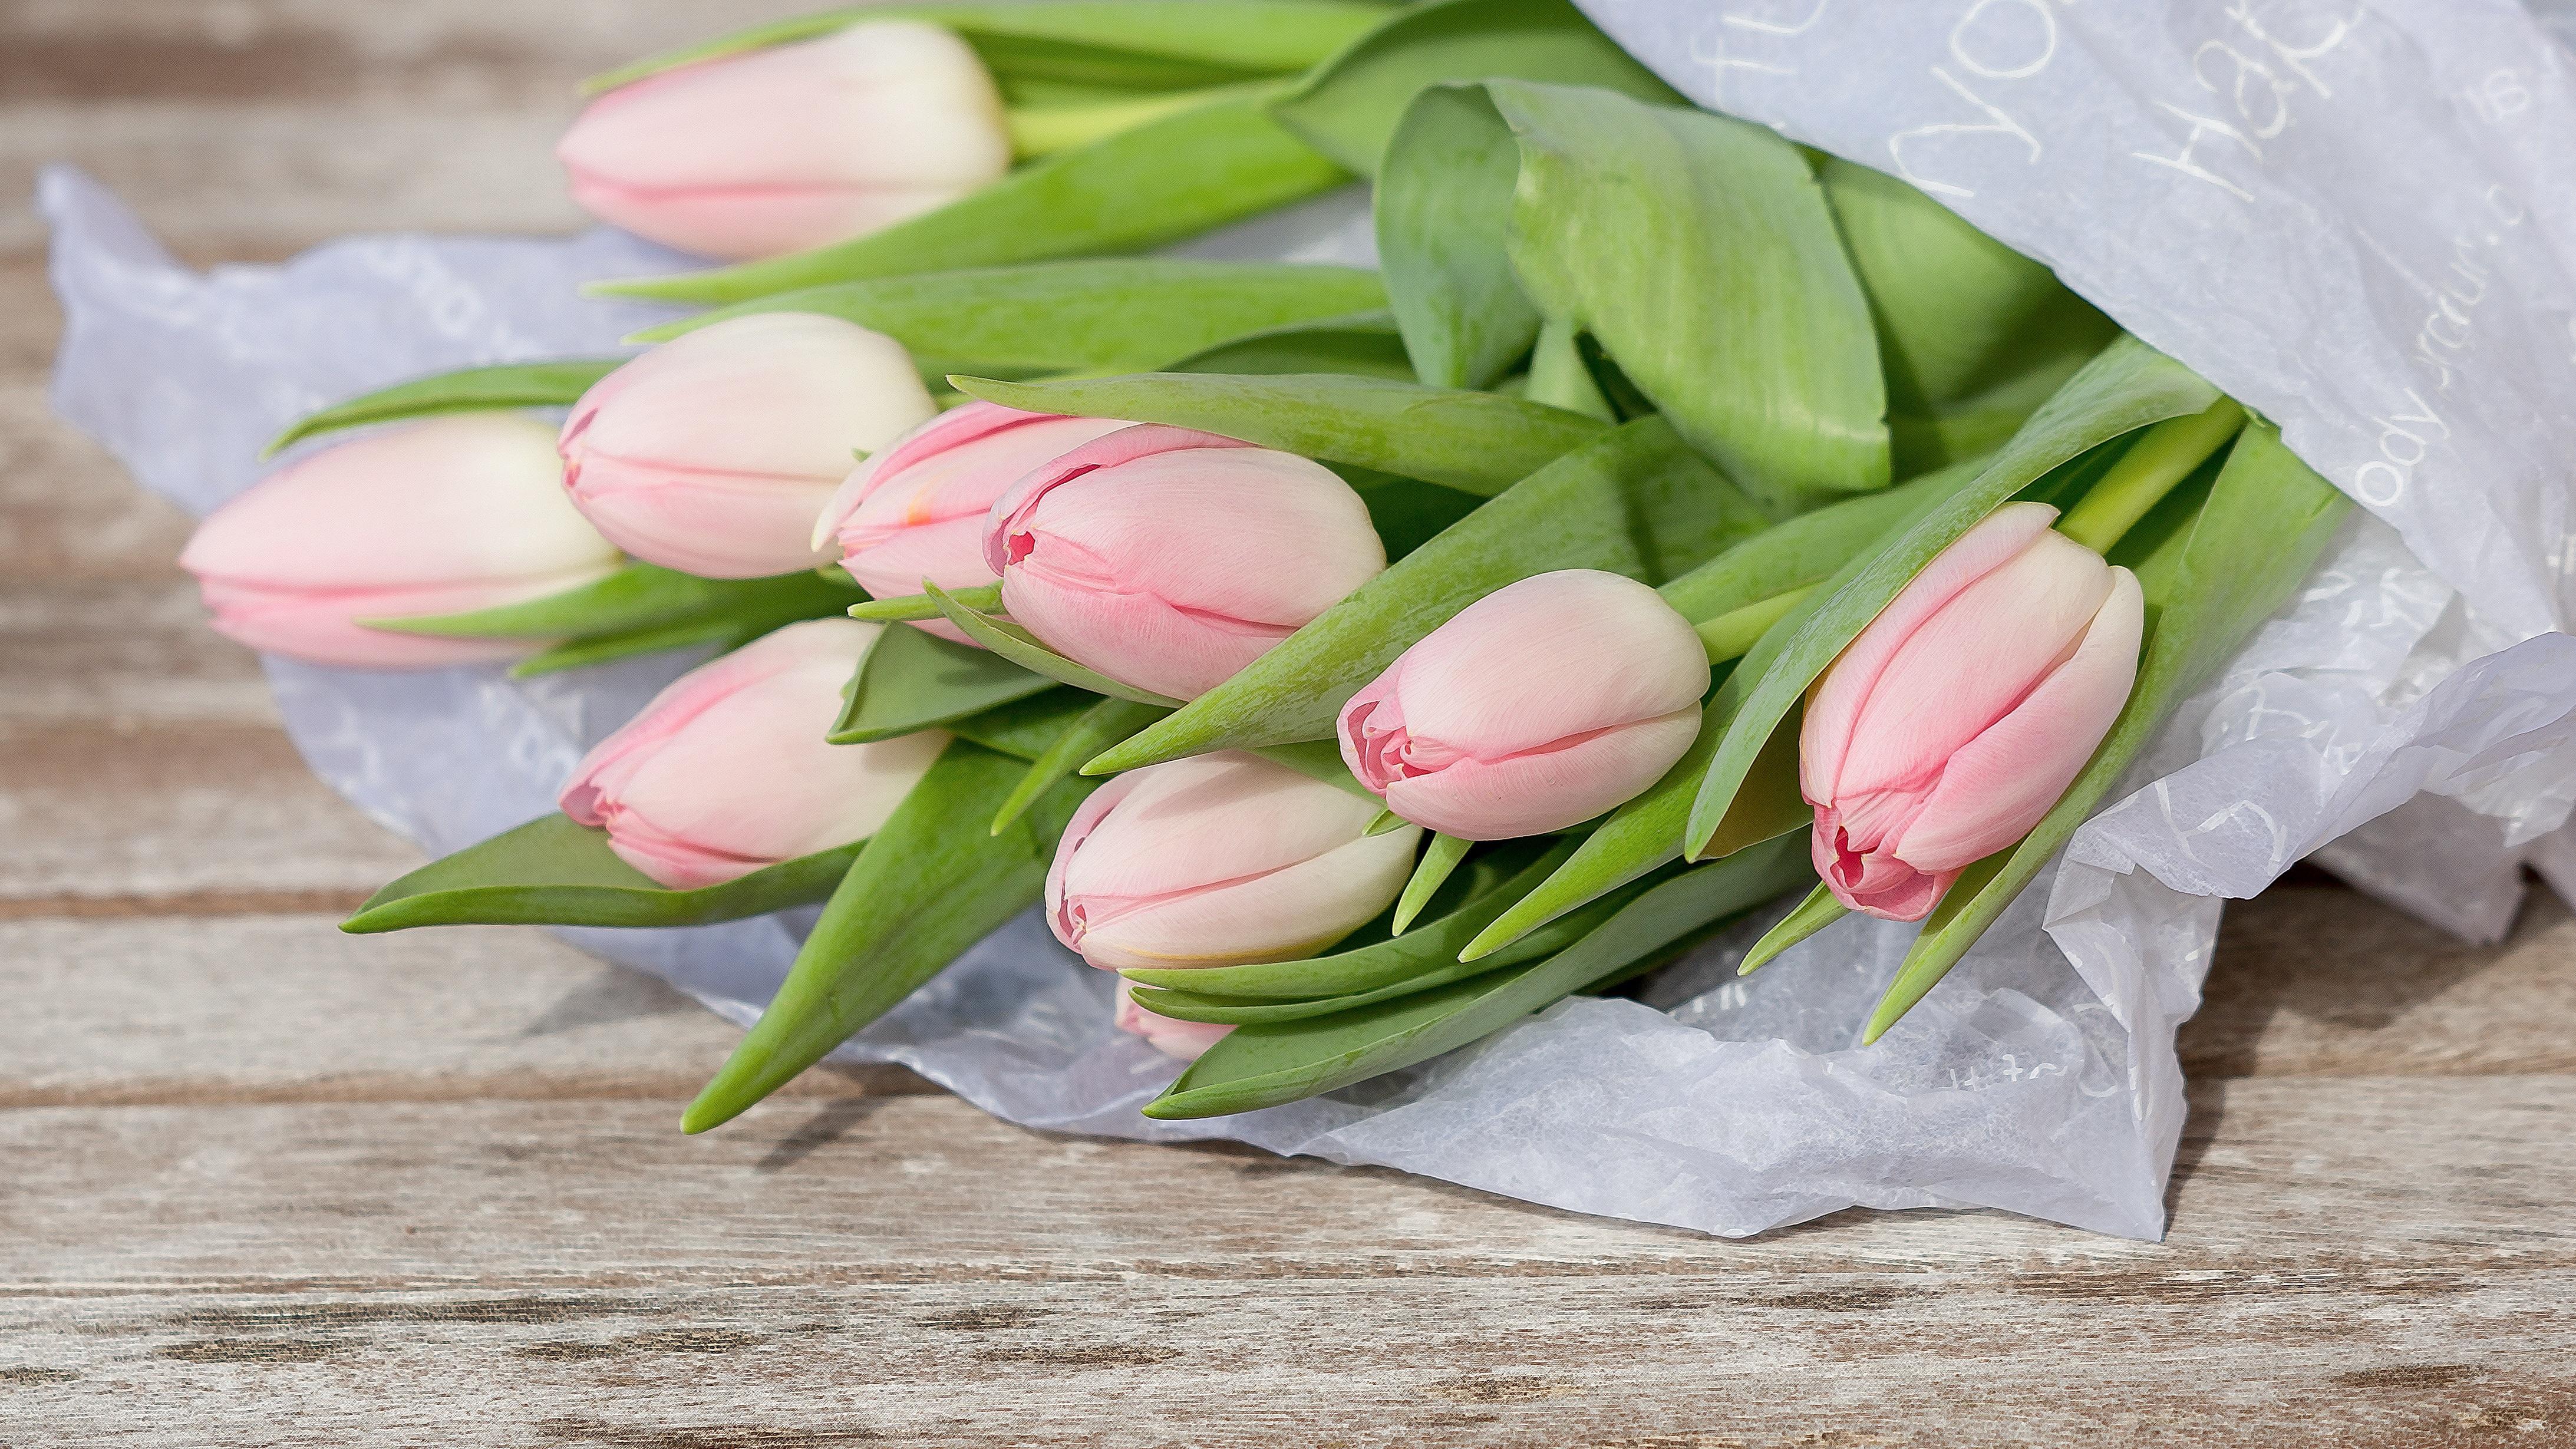 Обои для рабочего стола розовых тюльпан Цветы вблизи Розовый розовые розовая Тюльпаны цветок Крупным планом